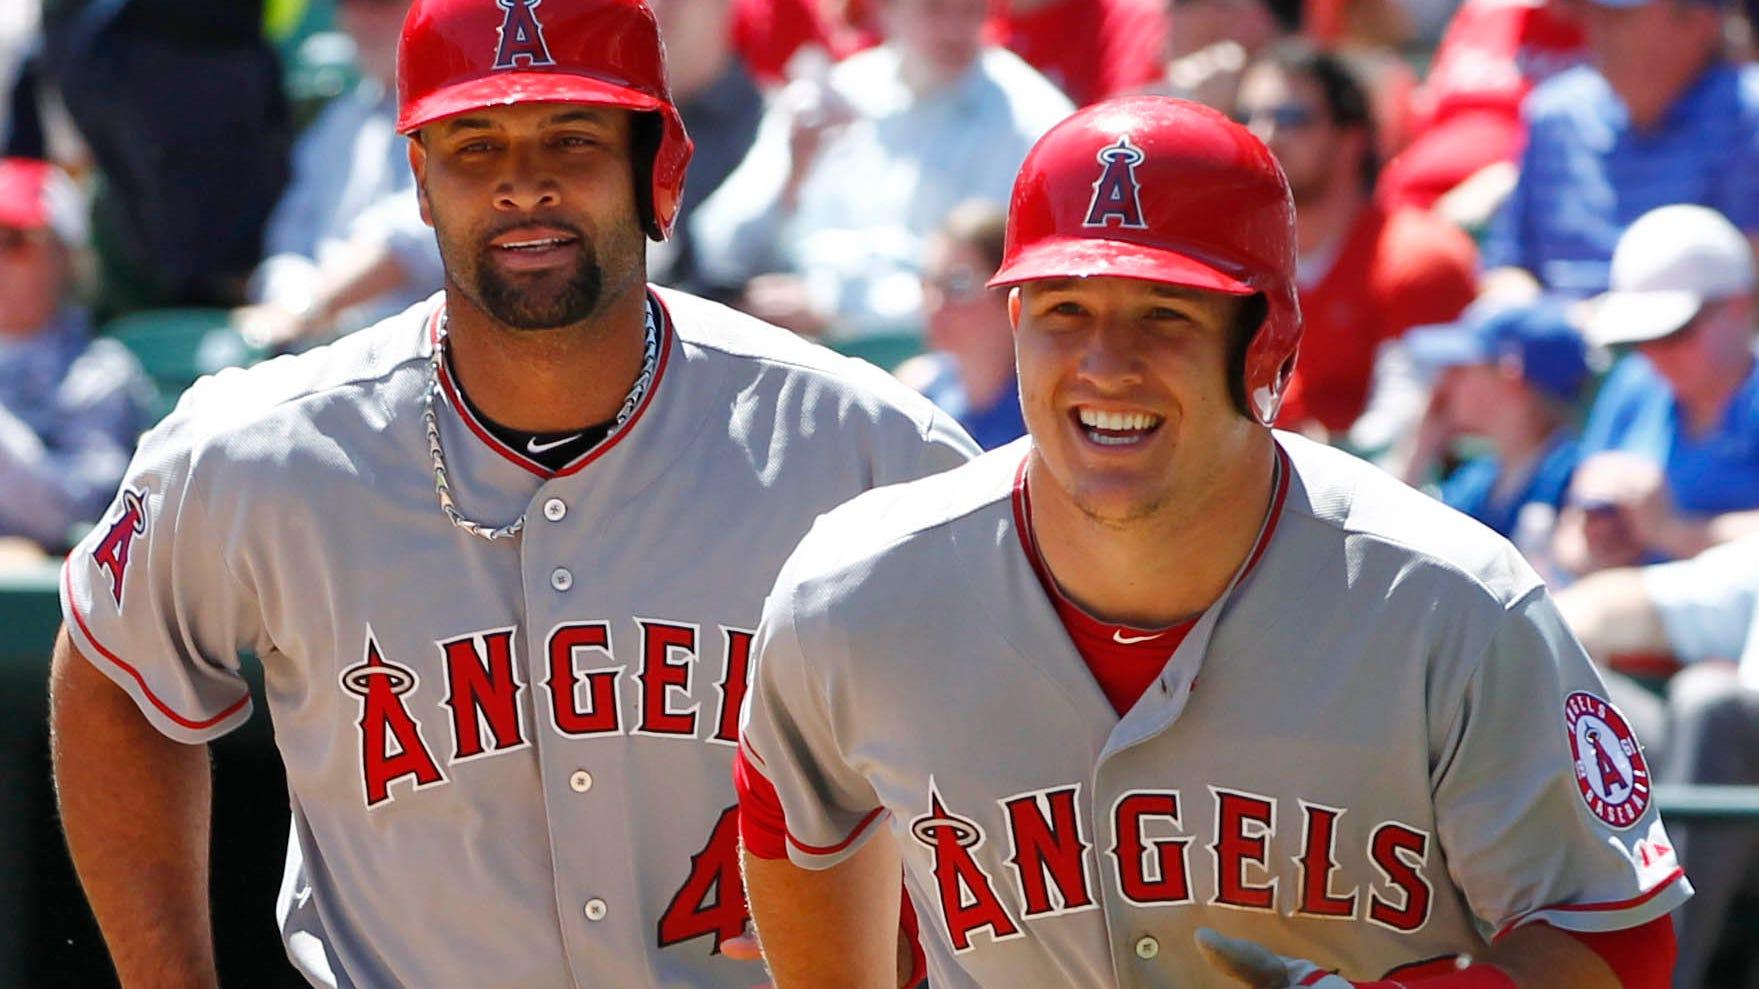 e5bcee60 9d8b 48ac 9b1a b768362d11eb XXX MLB  Los Angeles Angels at Texas Rangers  5879 JPG?crop=1759,989,x0,y230&width=1759&height=989&format=pjpg&auto=webp.